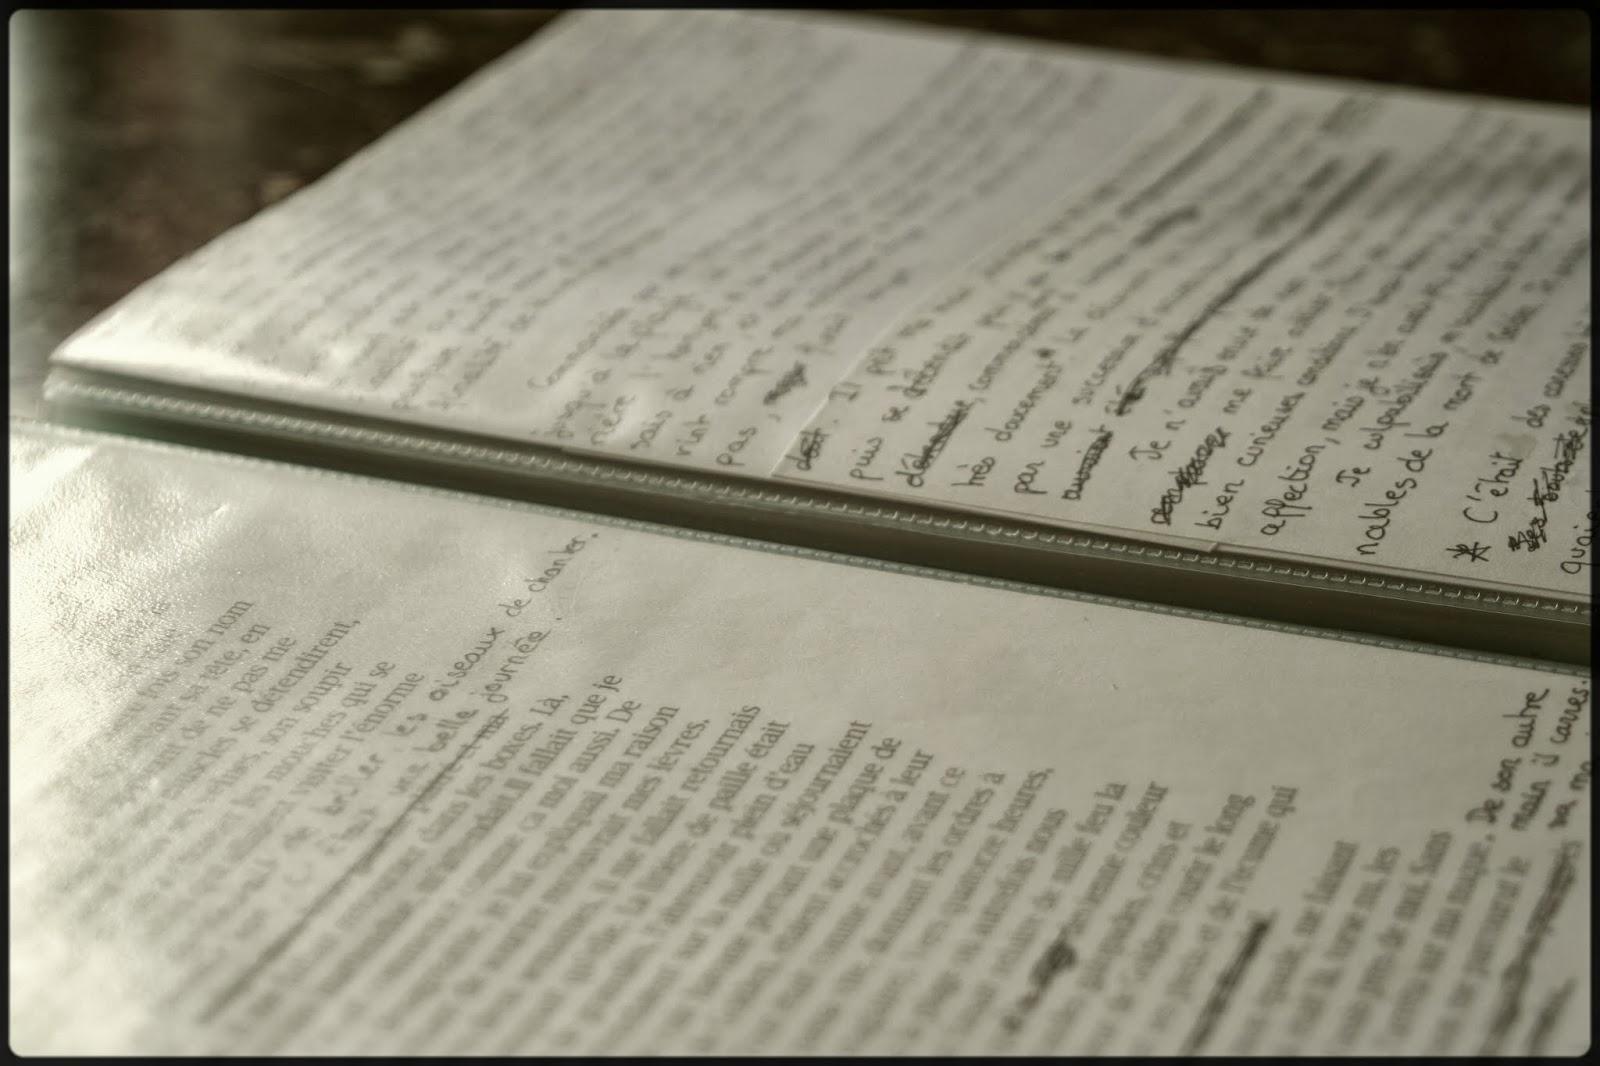 L'histoire qui ne dit pas son nom - manuscrit